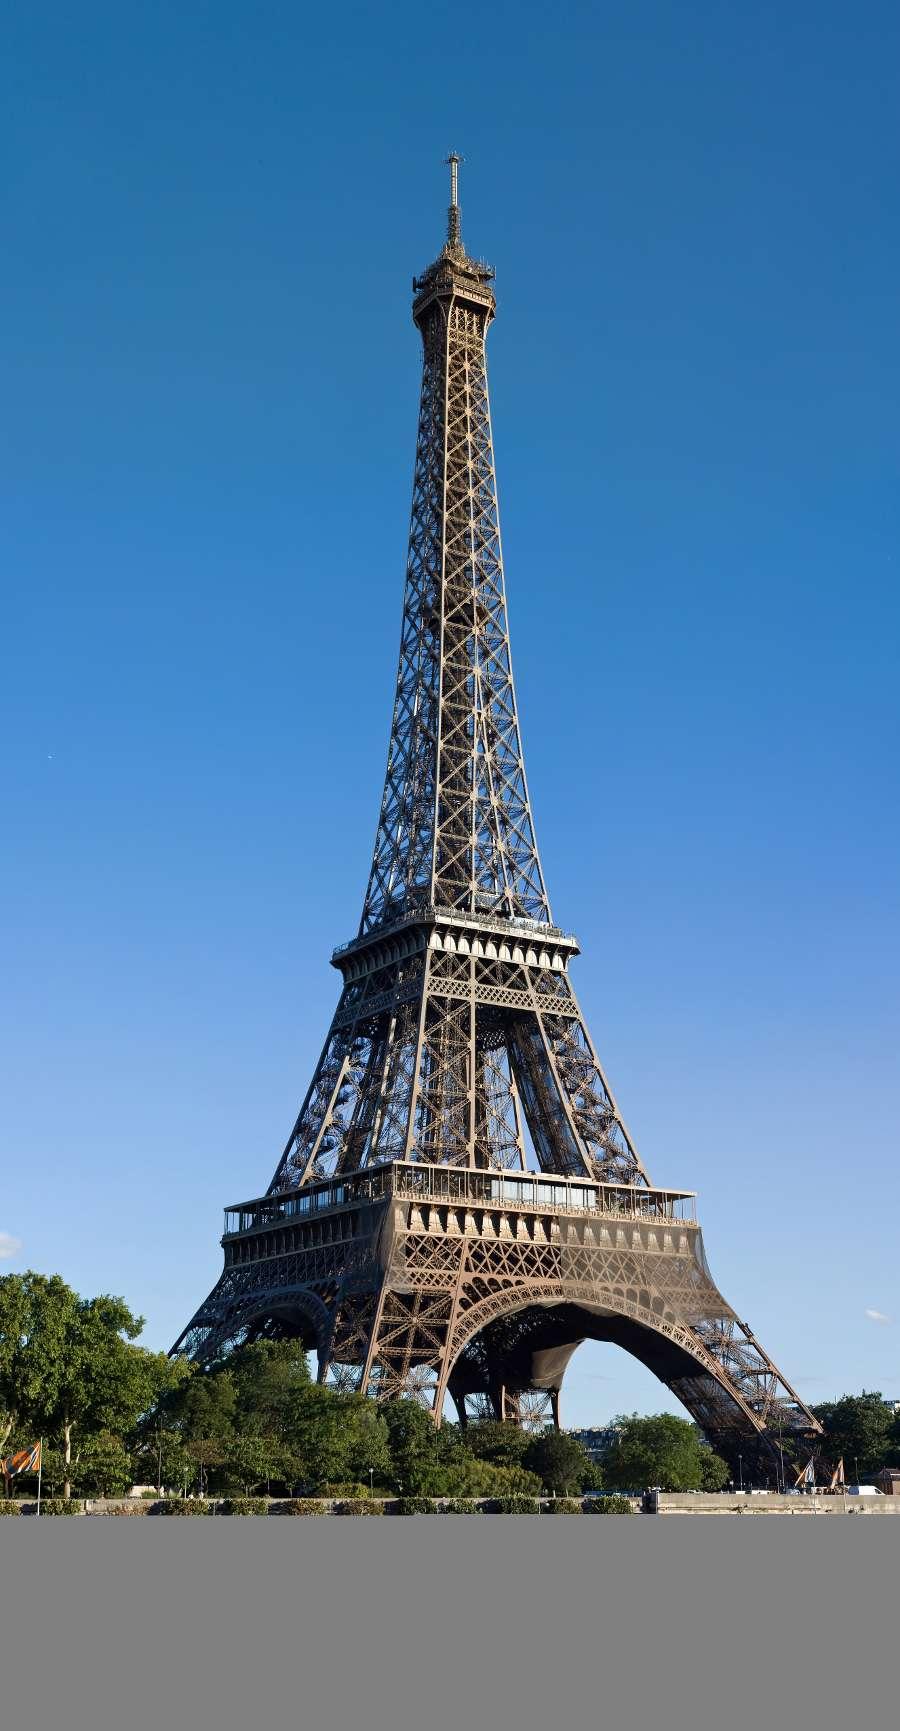 Une structure autoporteuse est une structure dont la stabilité est assurée par la seule rigidité de sa forme. Sur la photo, un exemple de tour autoporteuse, la Tour Eiffel. © Julie Anne Workman, CC BY-SA 3.0, Wikimedia Commons